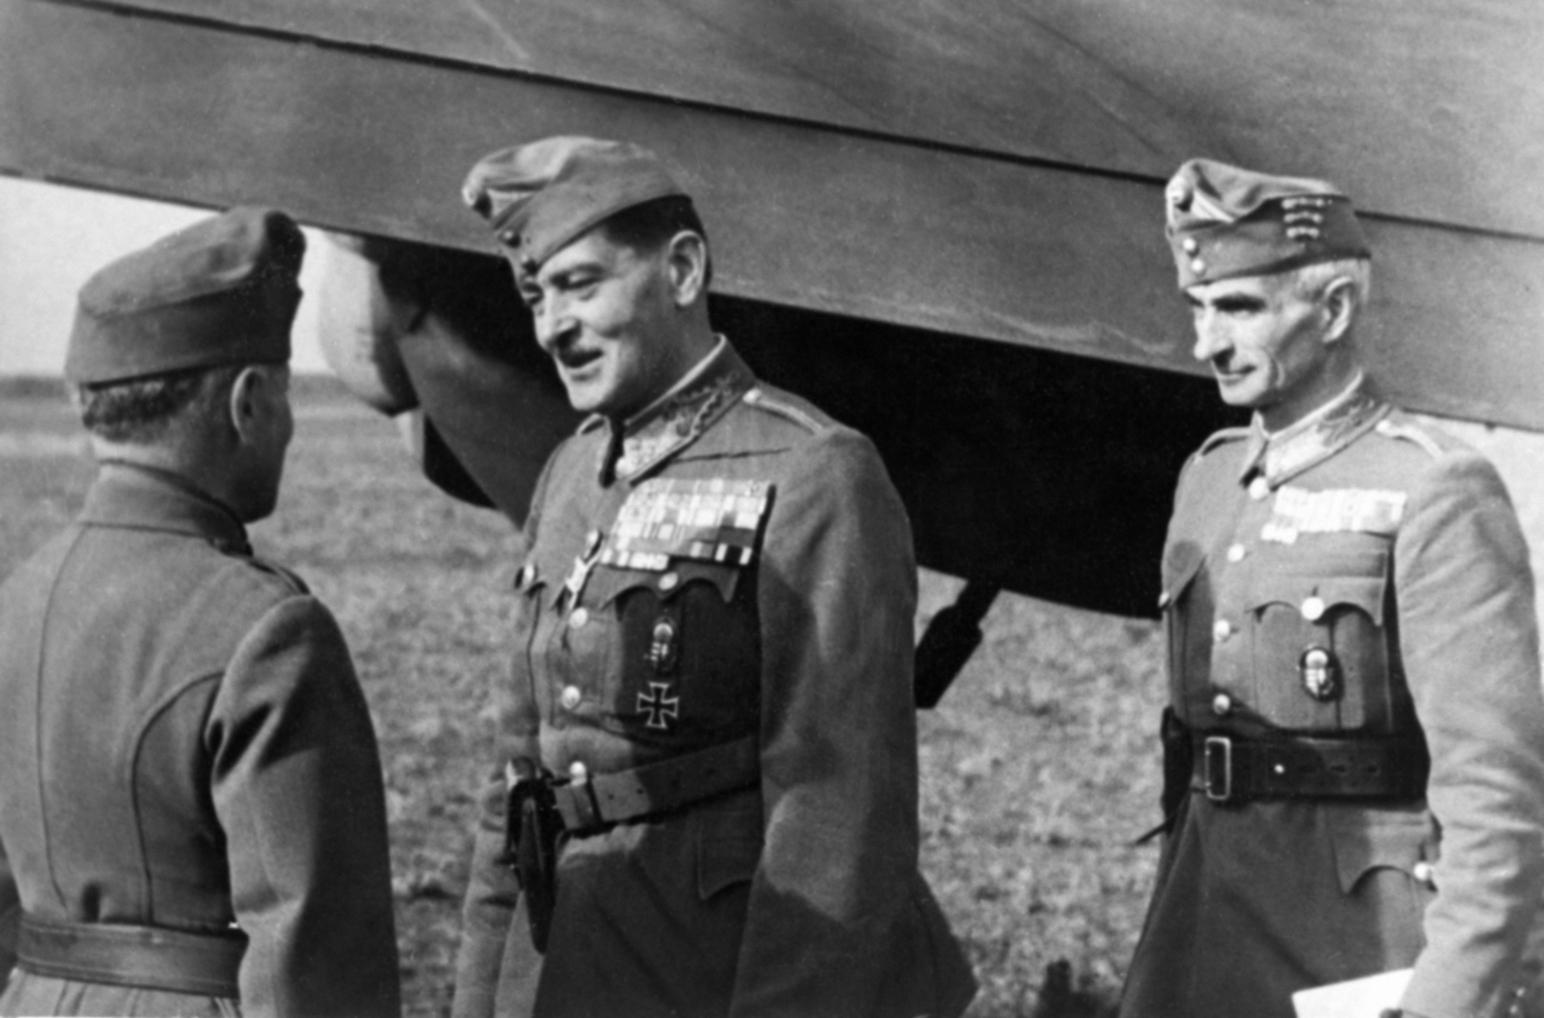 Szovjetunió, 1942. október Jány Gusztáv vezérezredes, a 2. magyar hadsereg parancsnoka (k) megérkezik a frontra, miután felépült sebesüléséből. Az eredeti felvétel készítésének pontos dátuma és helyszíne ismeretlen. MTI Fotó: Reprodukció